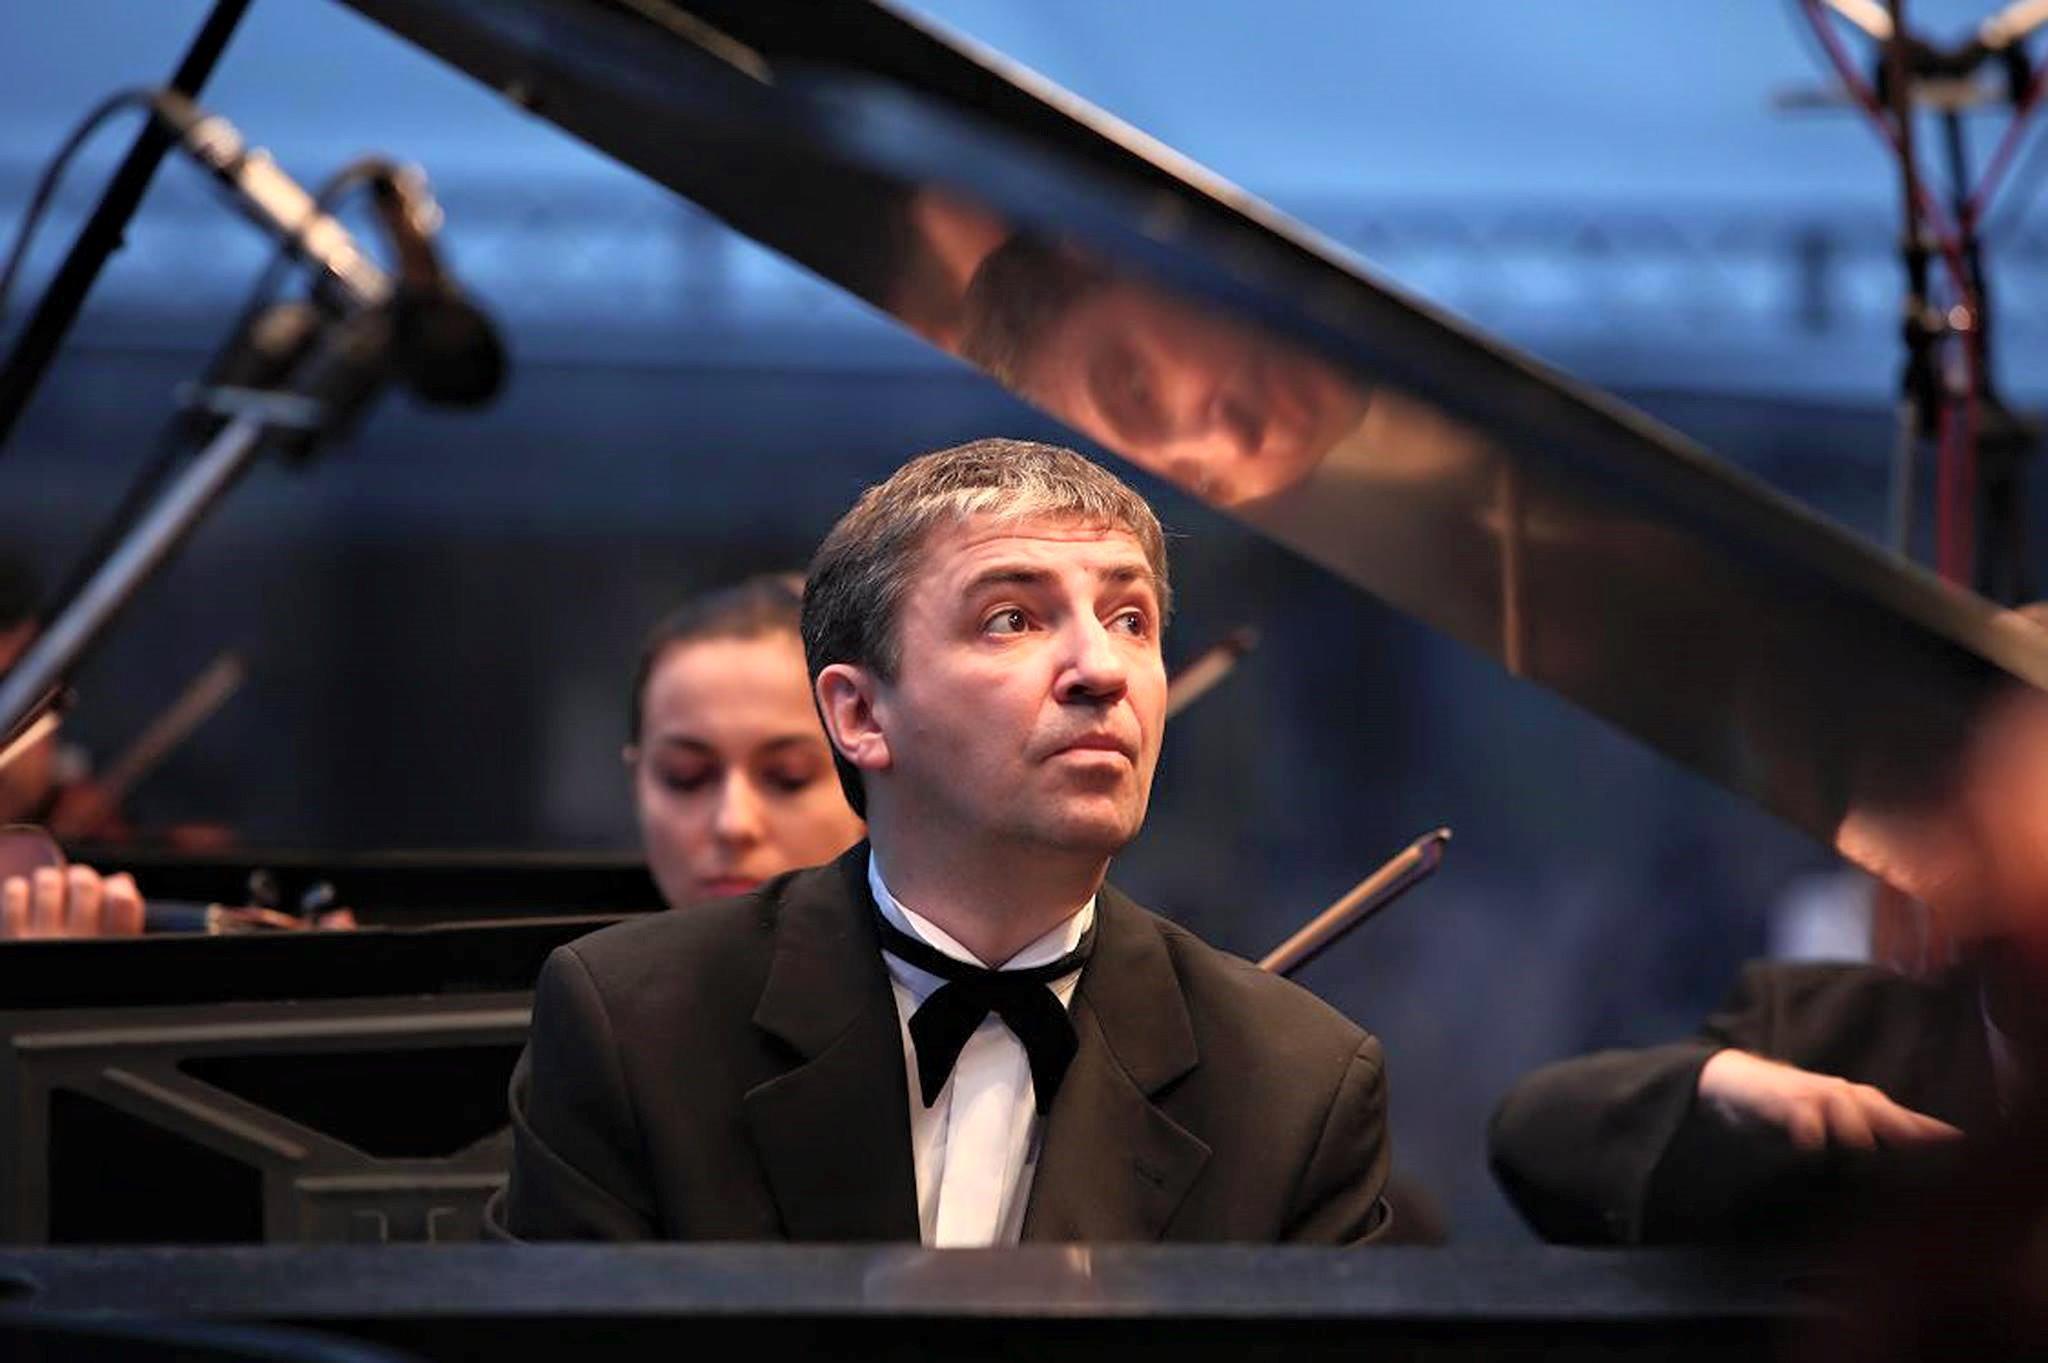 Пианист Вадим Пальмов: «Хорошая музыка растет во времени и нуждается в новом произнесении»